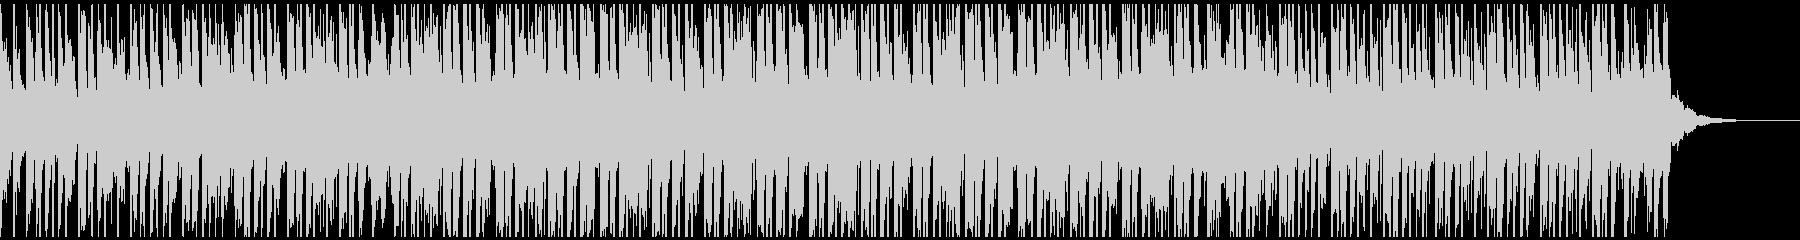 イン・ザ・フェスティバル(60秒)の未再生の波形